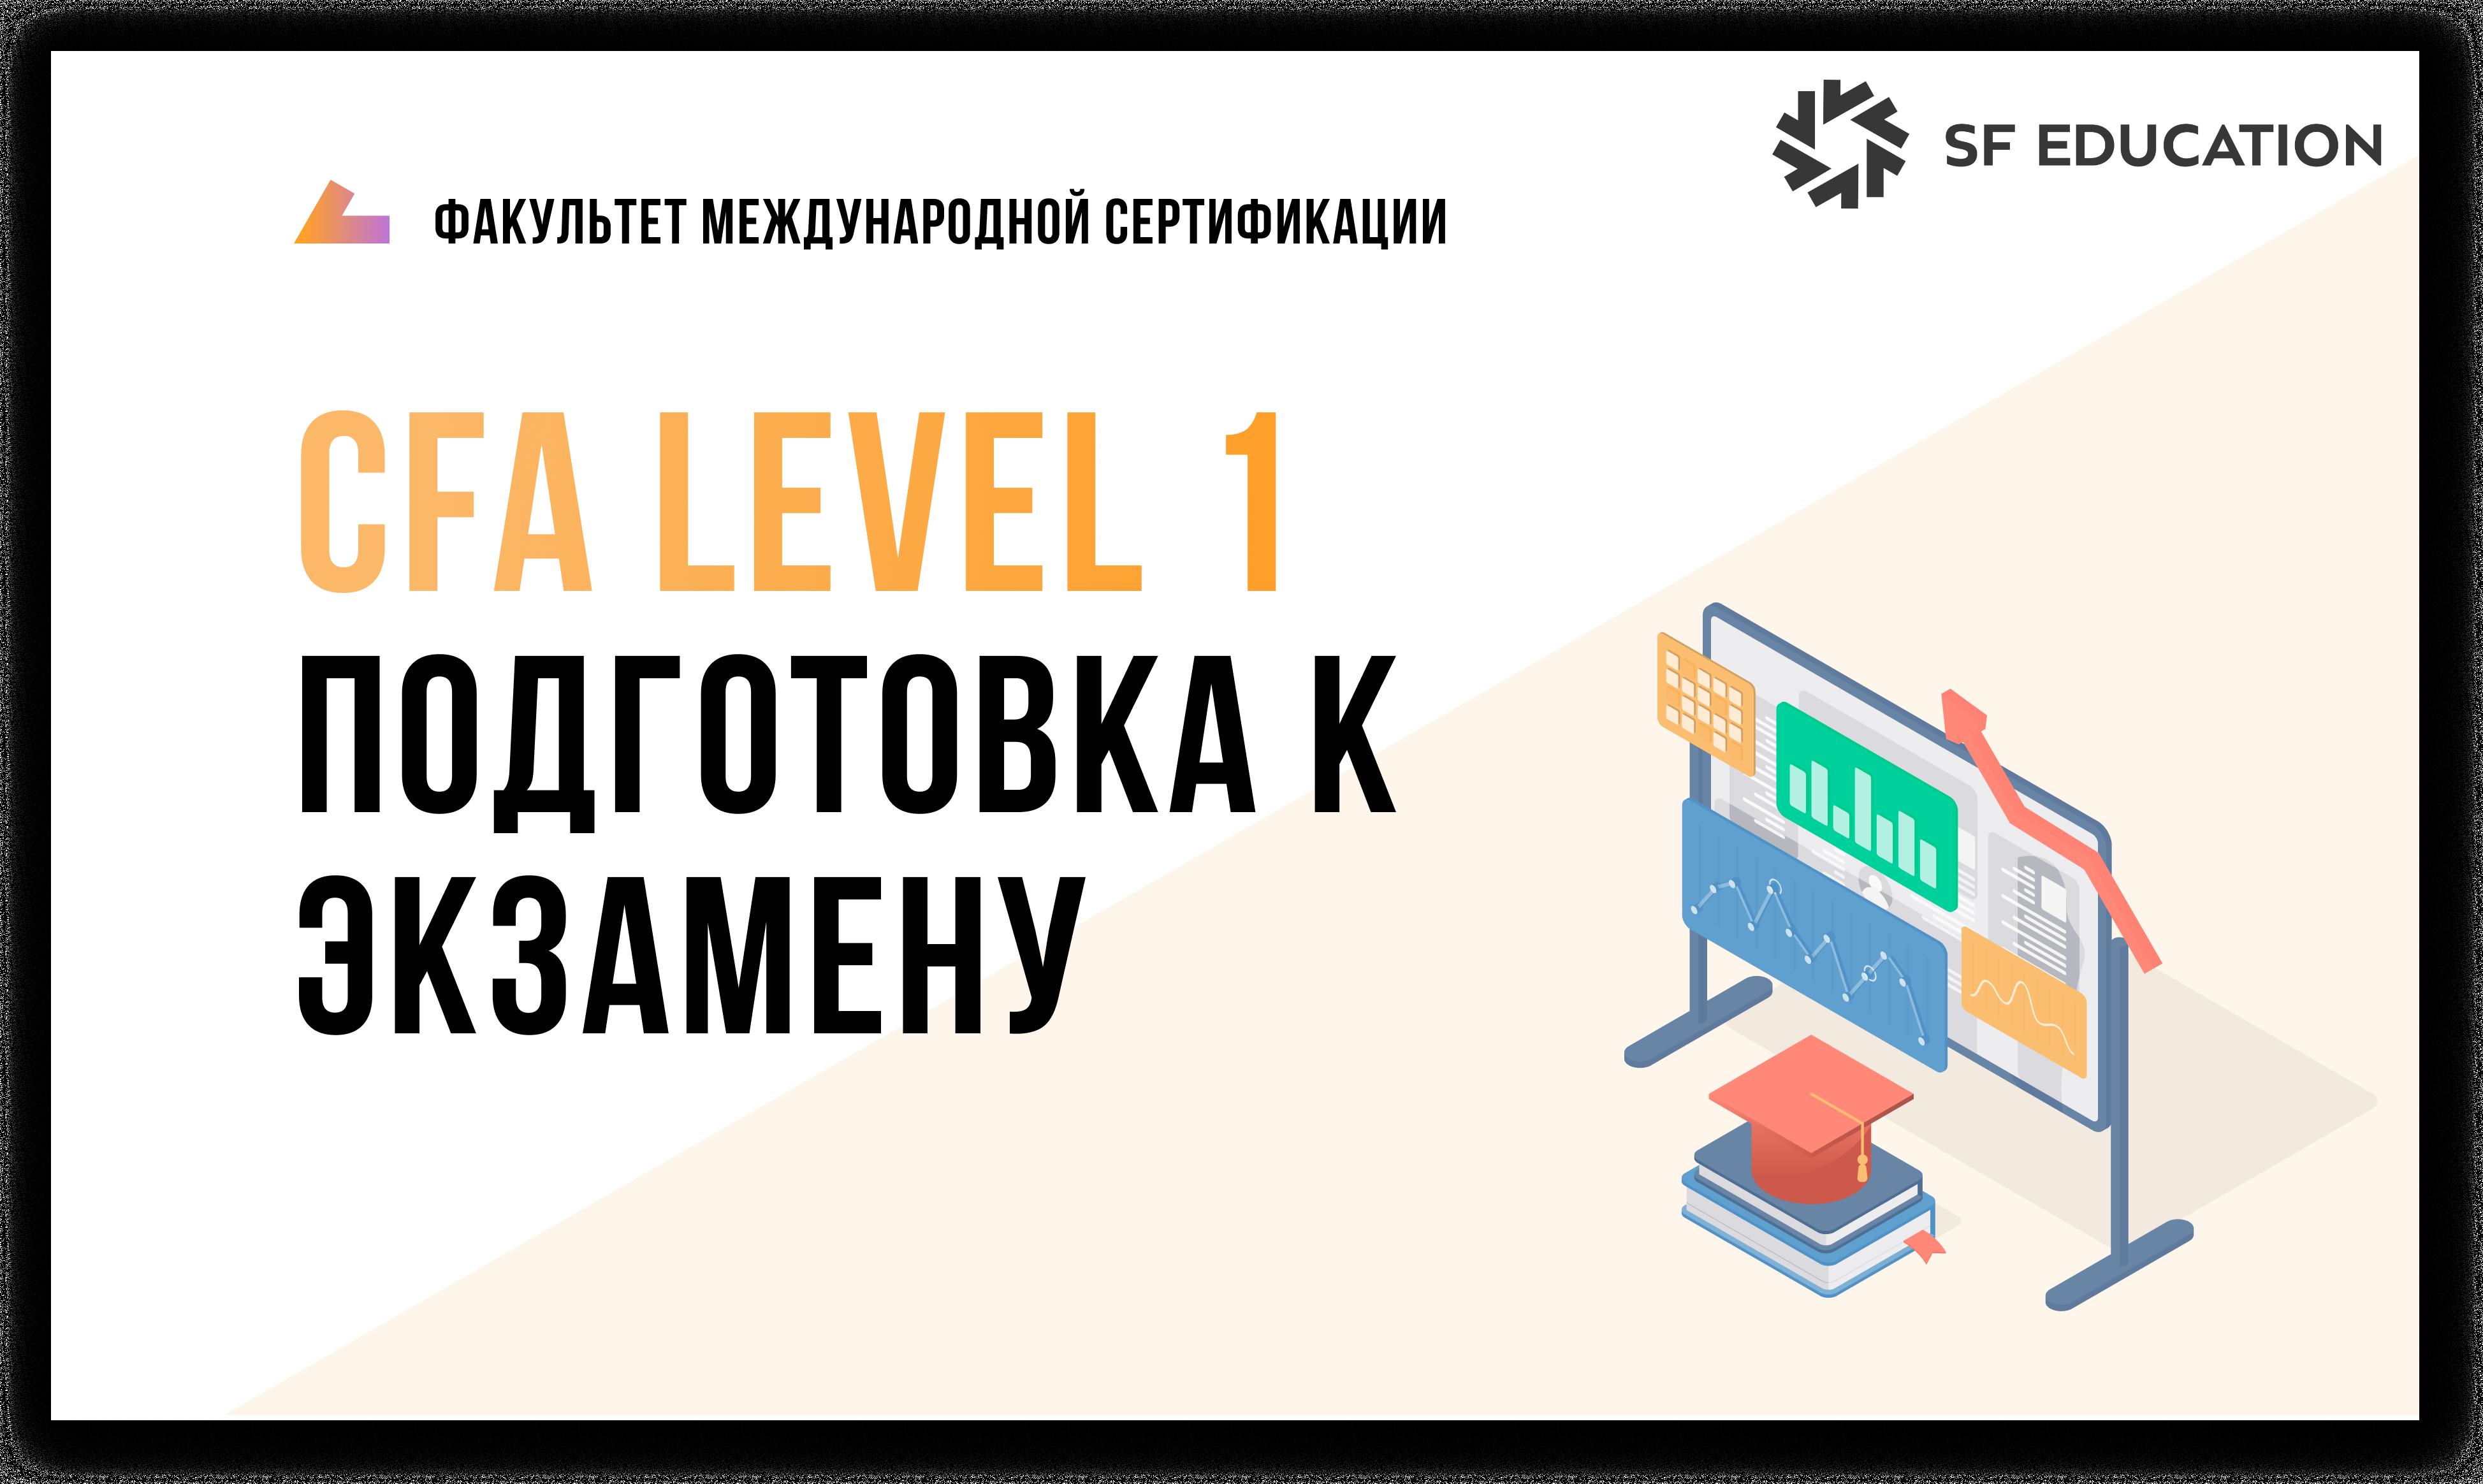 Подготовка к экзамену CFA Level 1 баннер